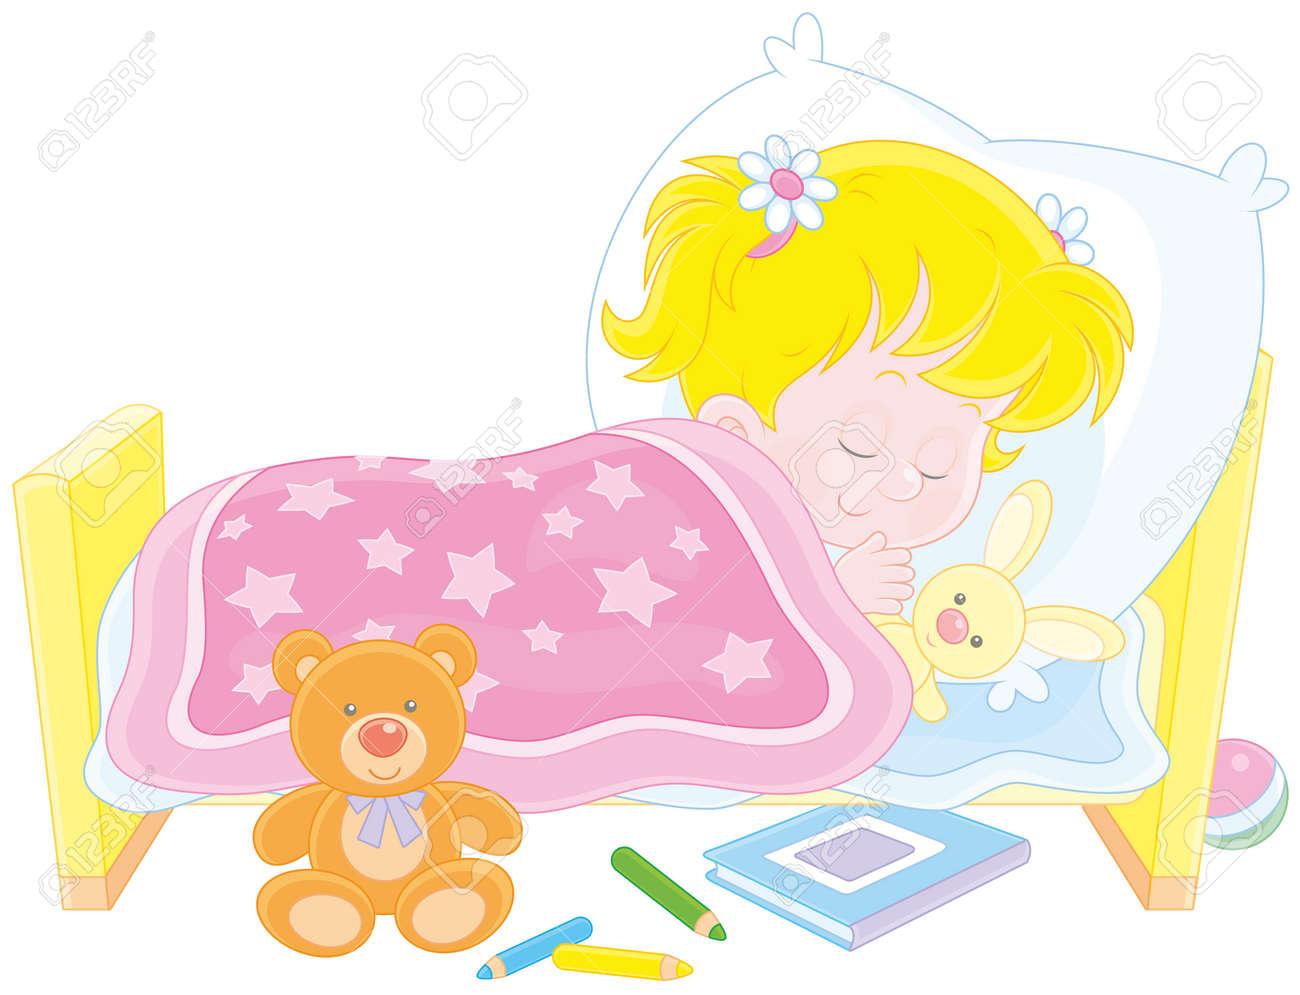 Girl sleeping - 40861259